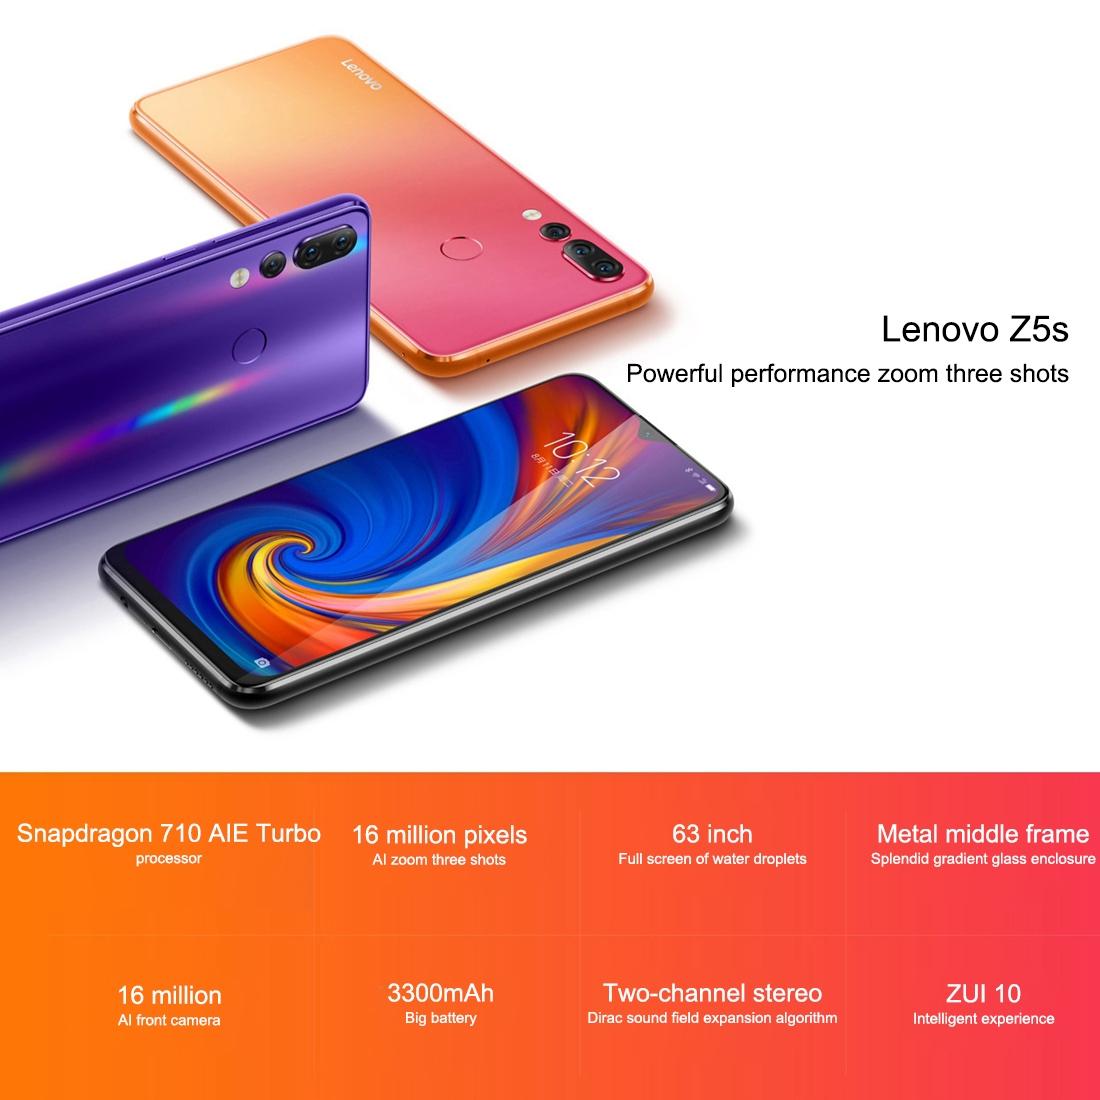 i.ibb.co/k5t45jj/Smartphone-6-GB-de-Ram-64-GB-de-ROM-Lenovo-Z5s-5.jpg